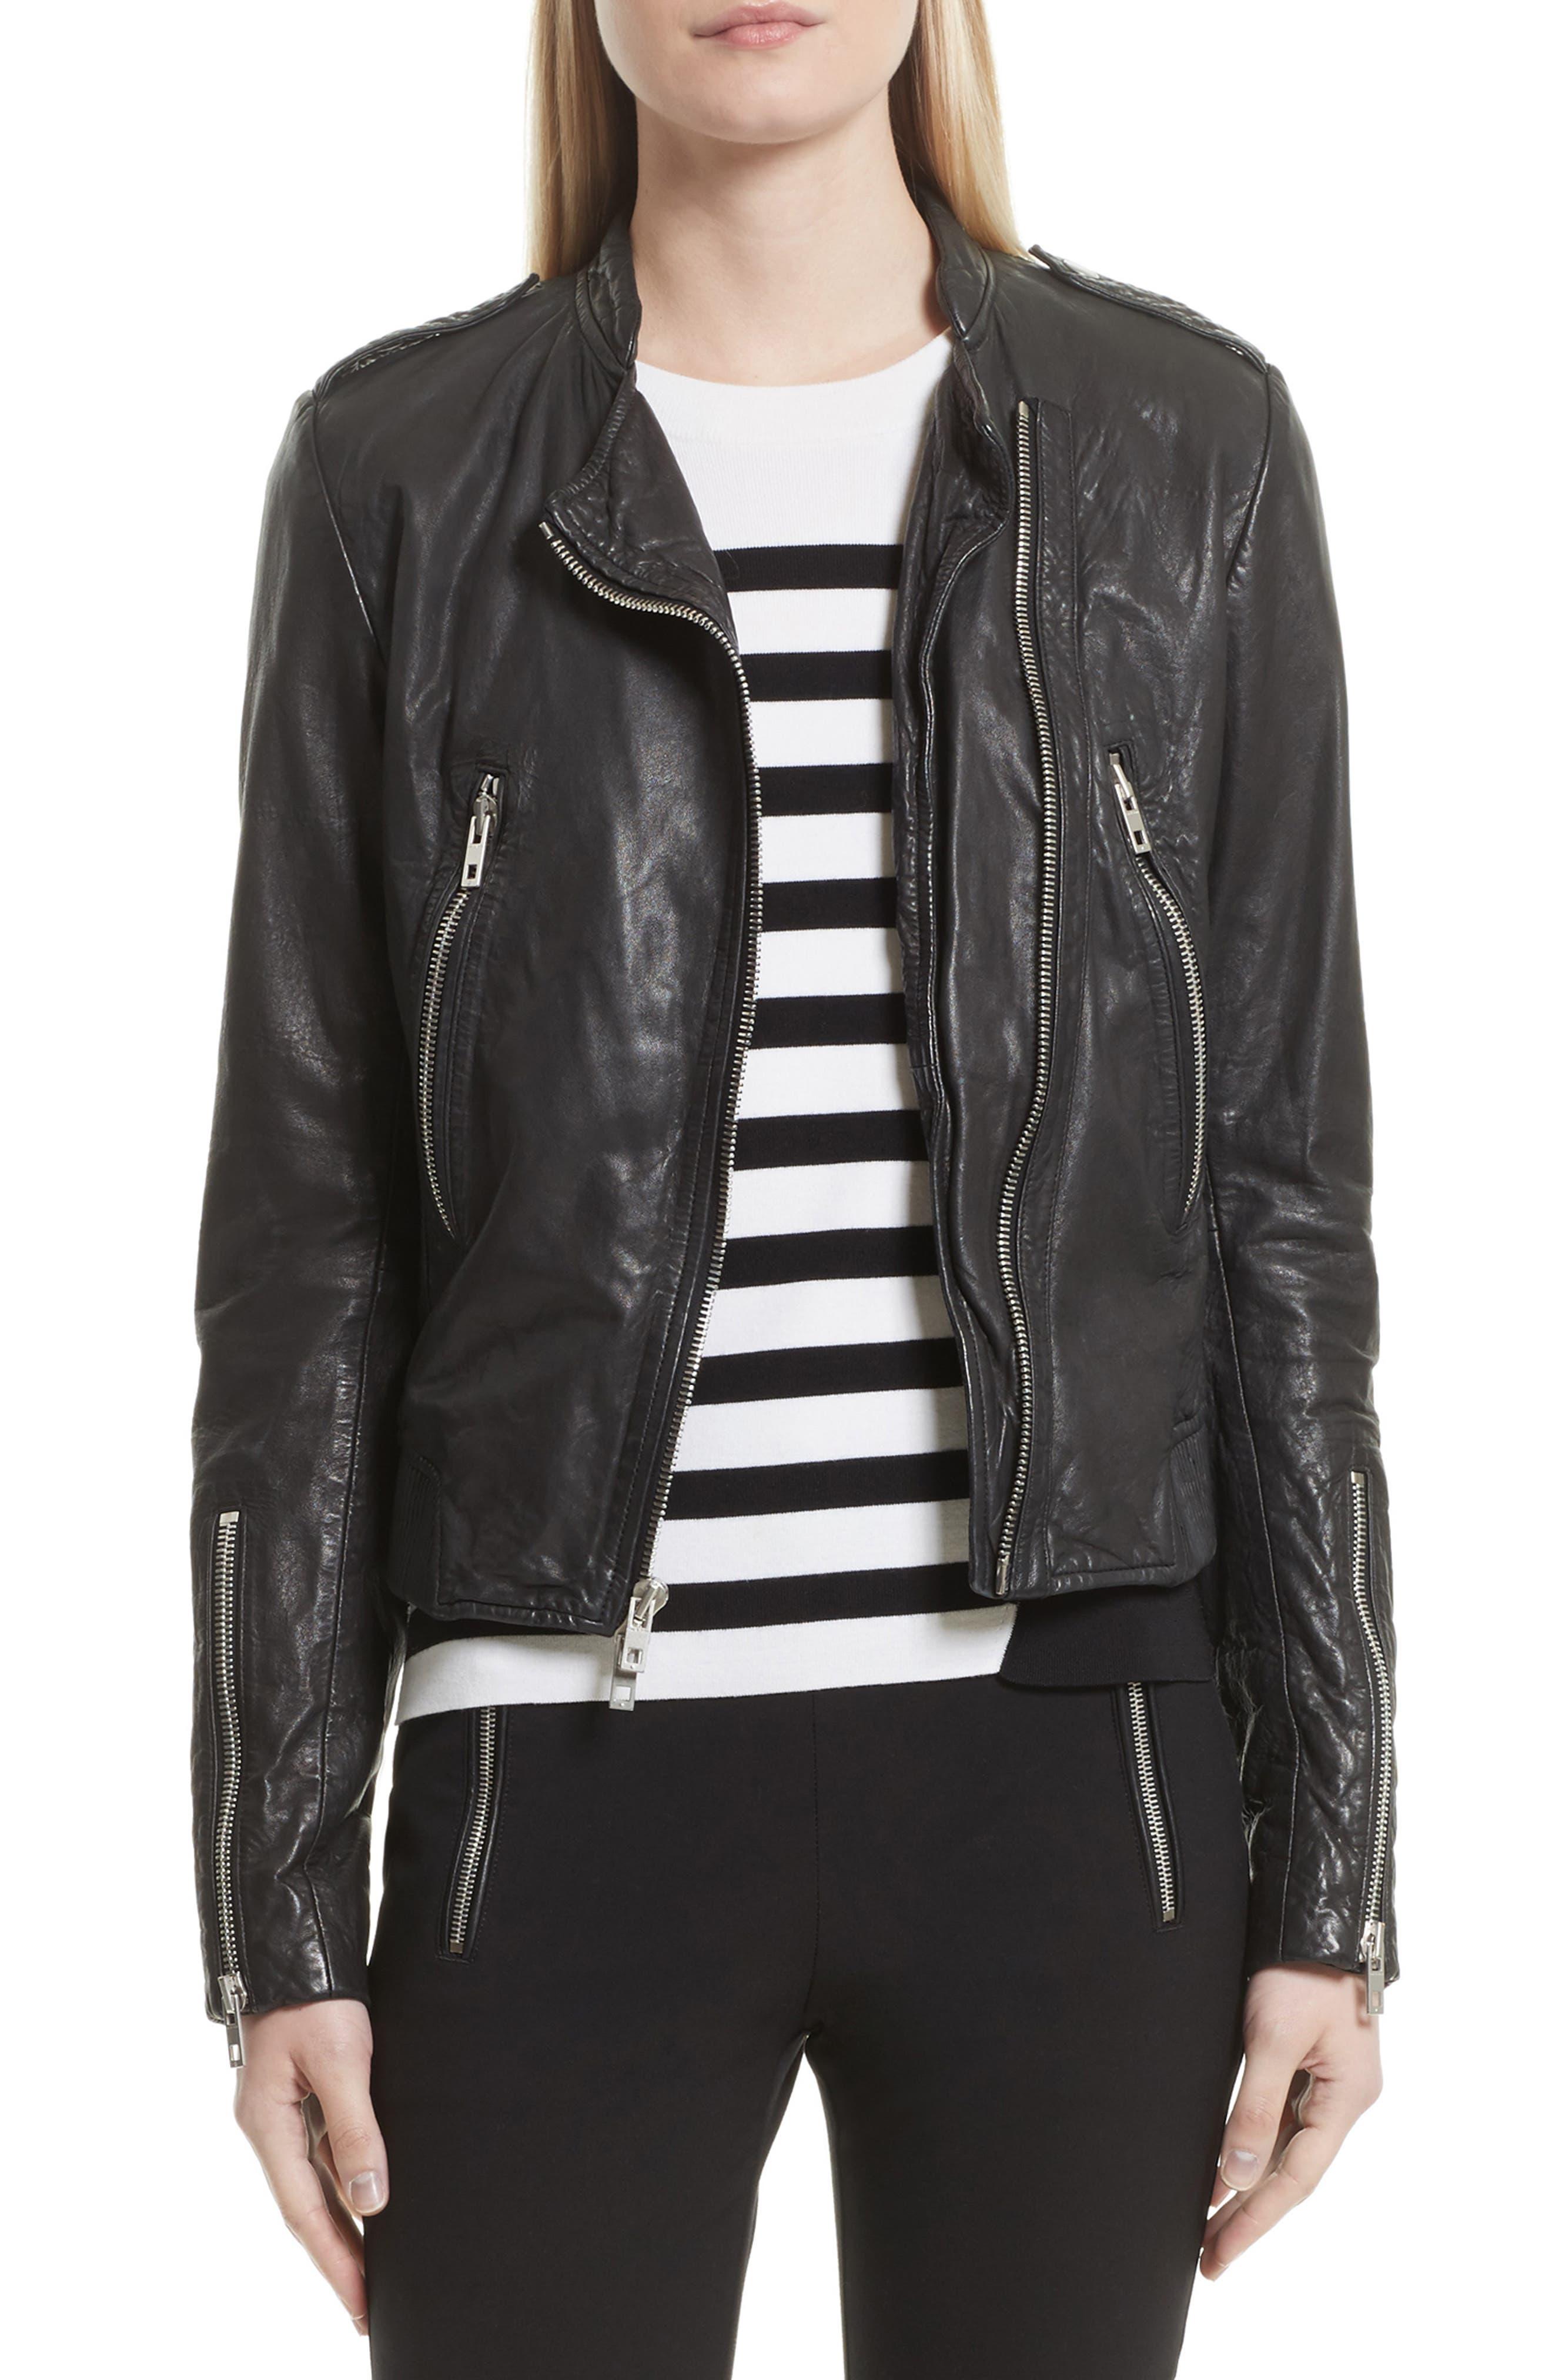 Alternate Image 1 Selected - rag & bone Lyon Leather Jacket